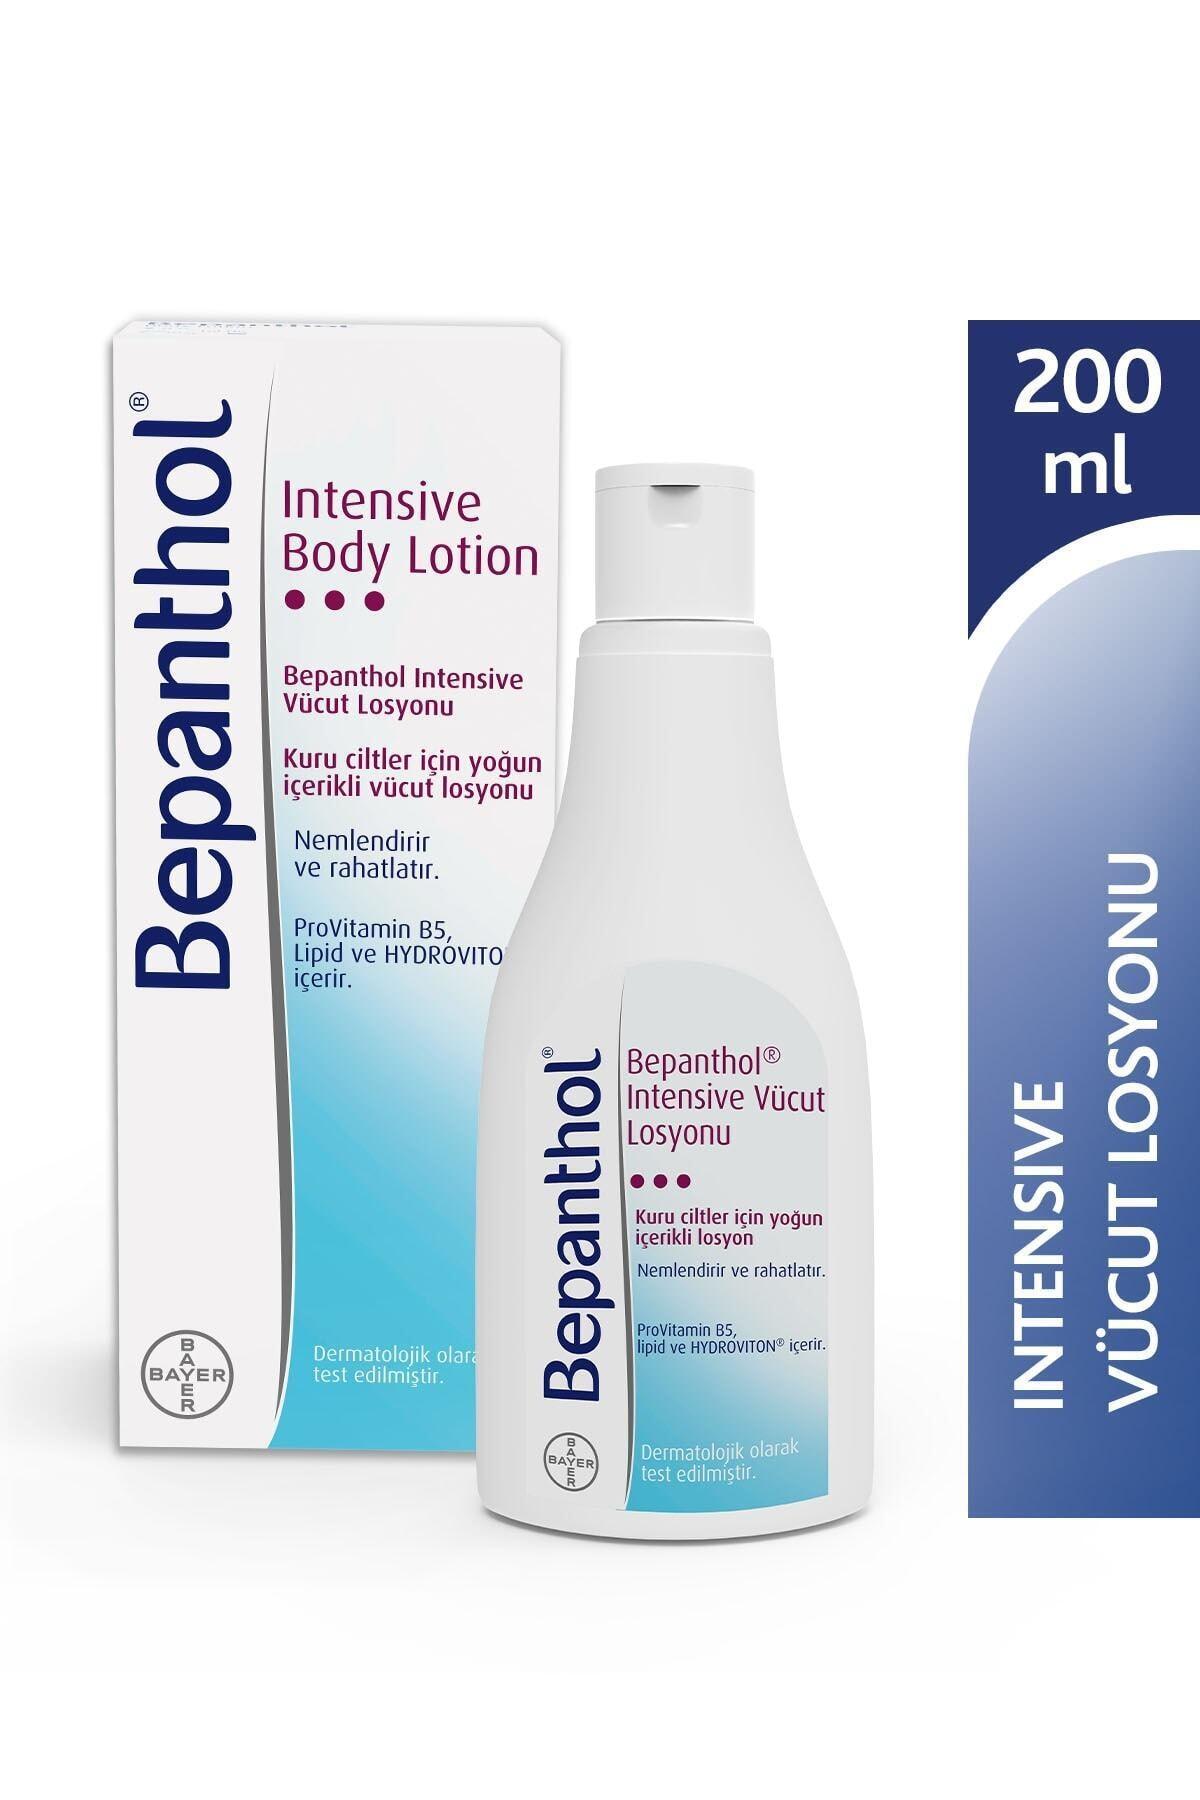 Bepanthol Intensive Vücut Losyonu 200 ml 1